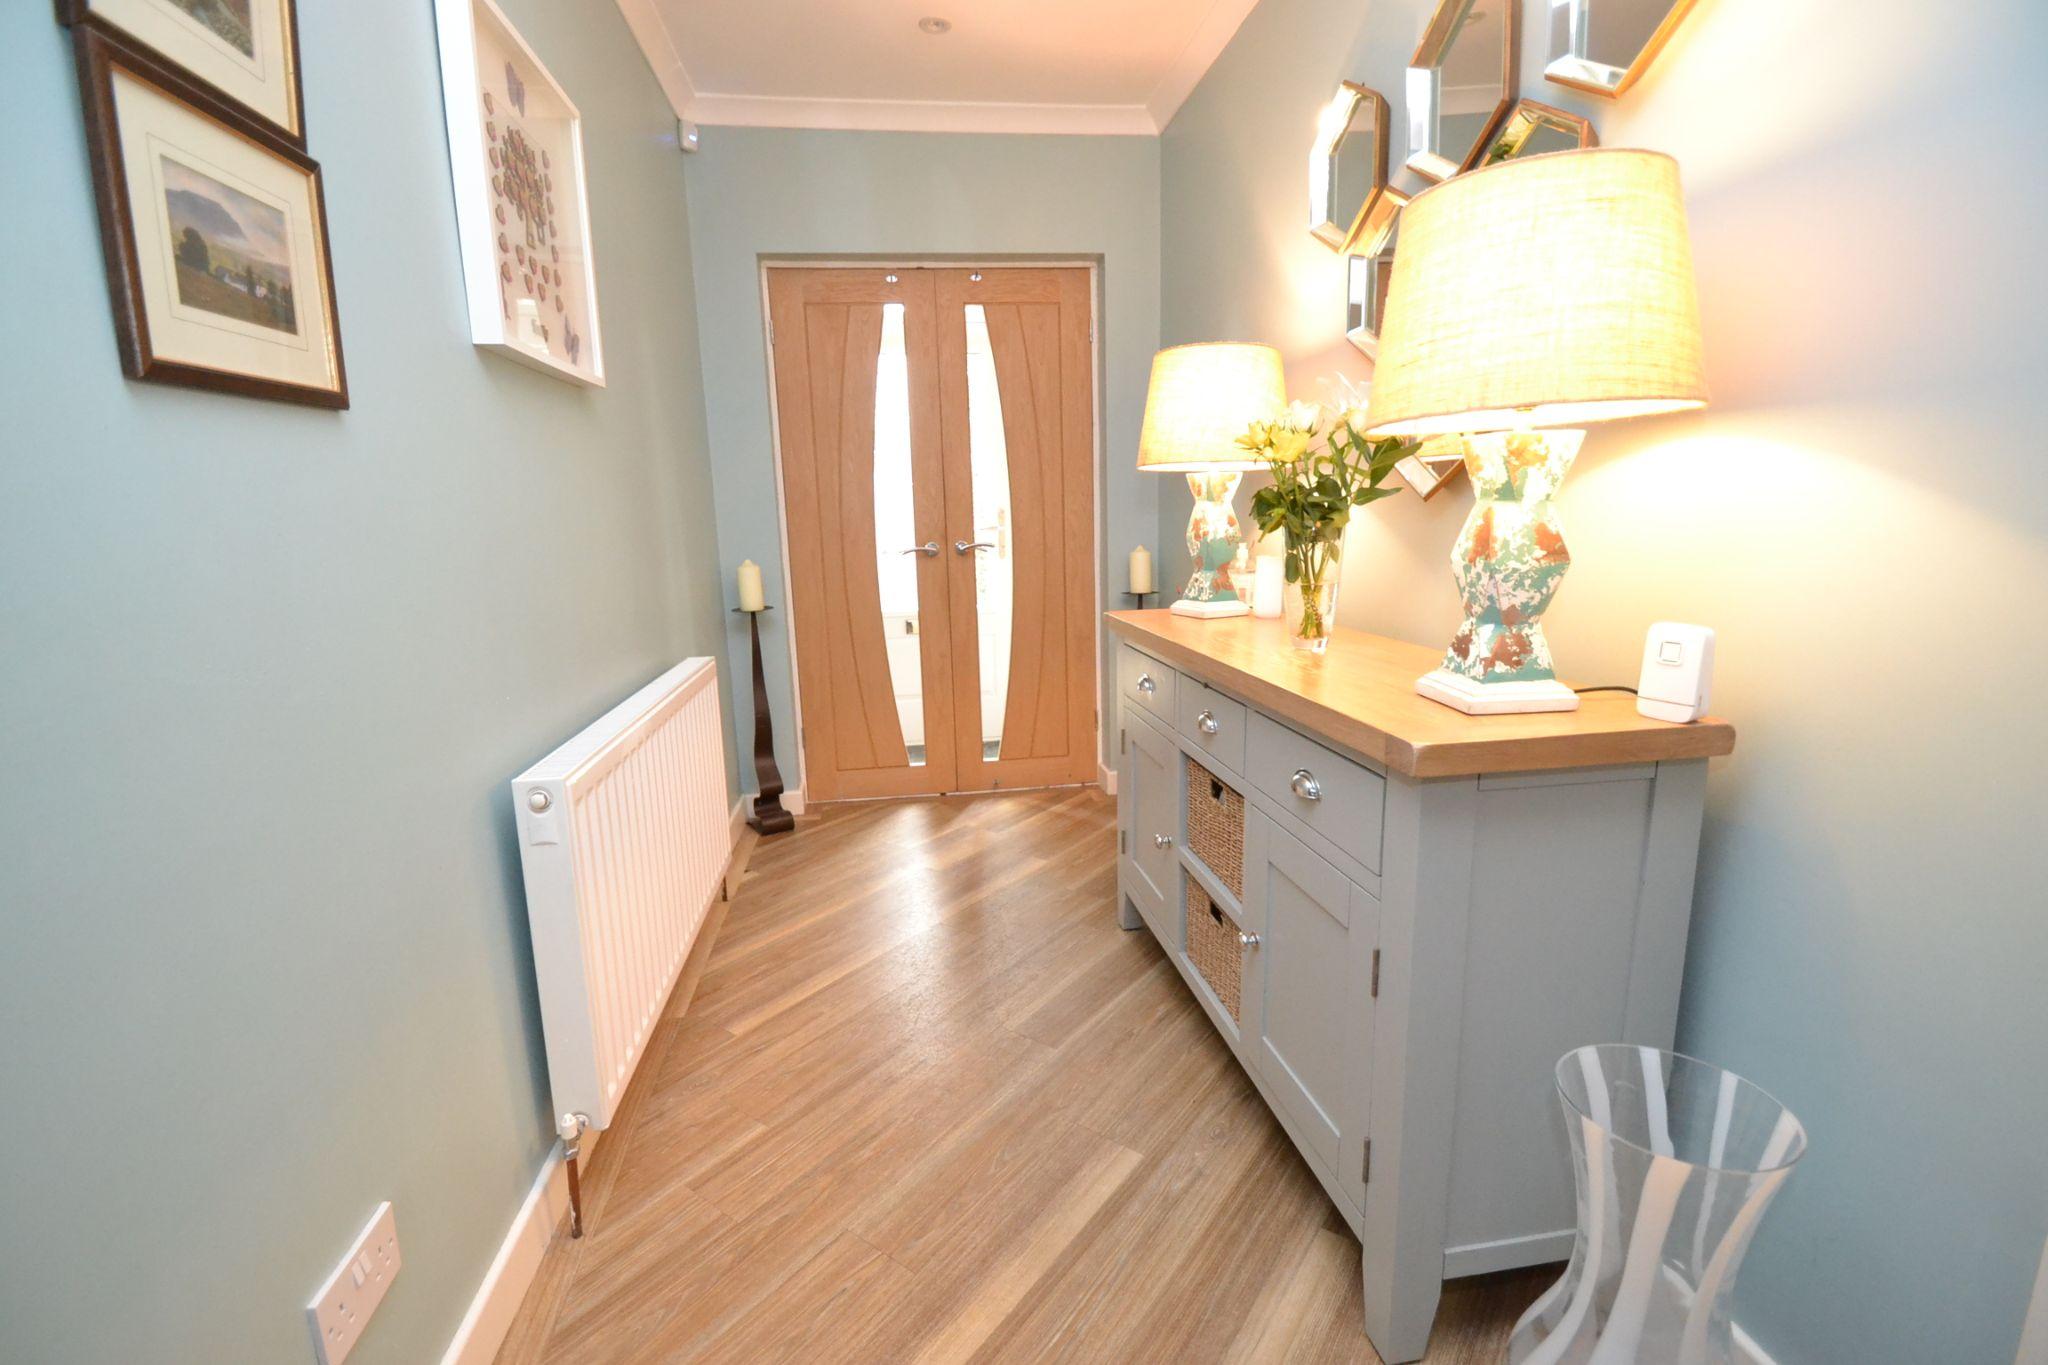 2 Bedroom Detached Bungalow For Sale - Photograph 2